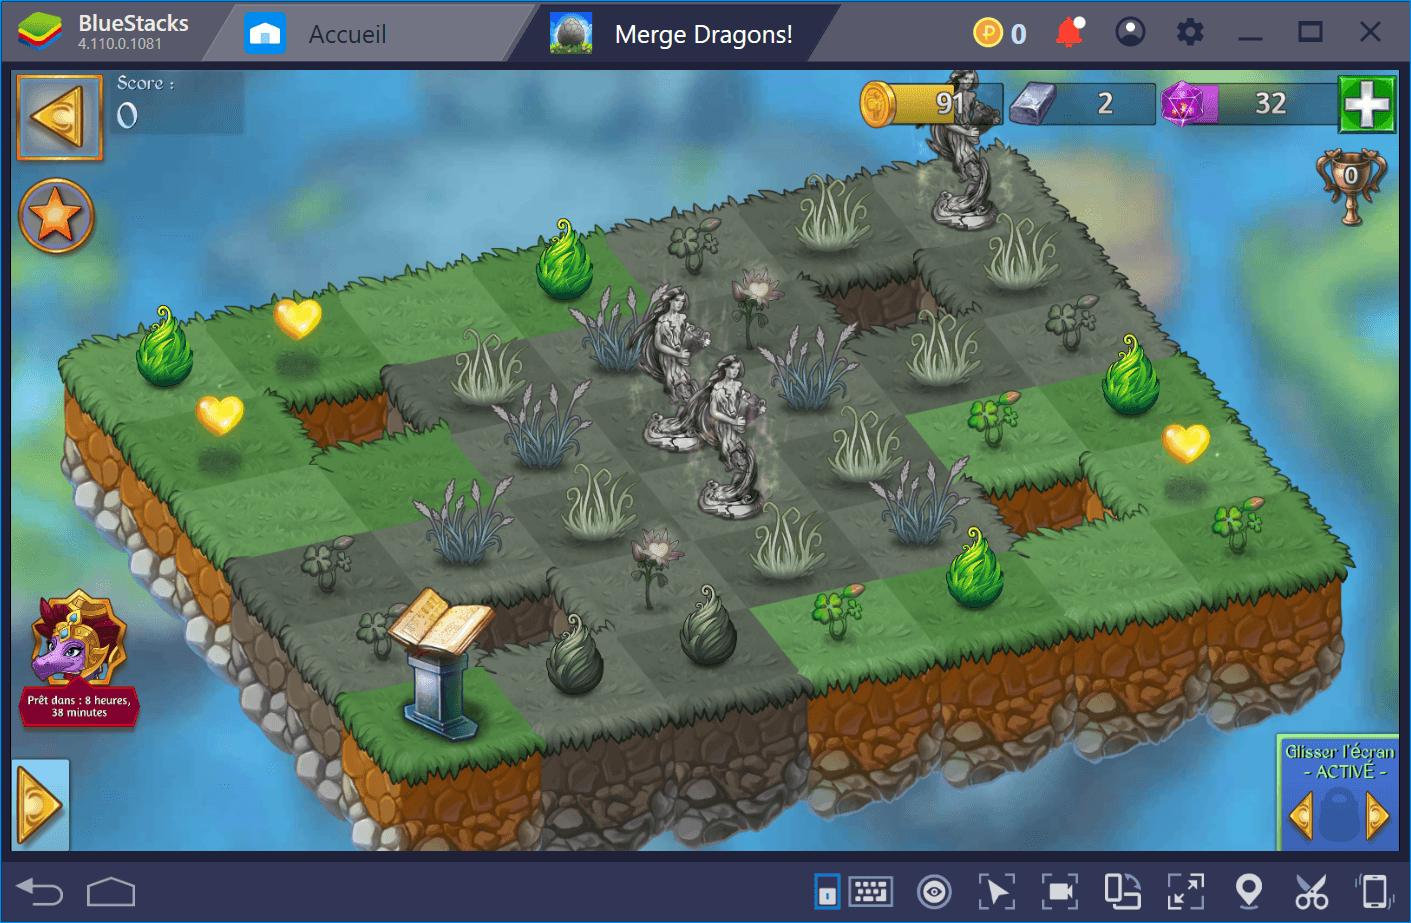 Merge Dragons sur BlueStacks - Améliorer le gameplay grâce à l'émulateur